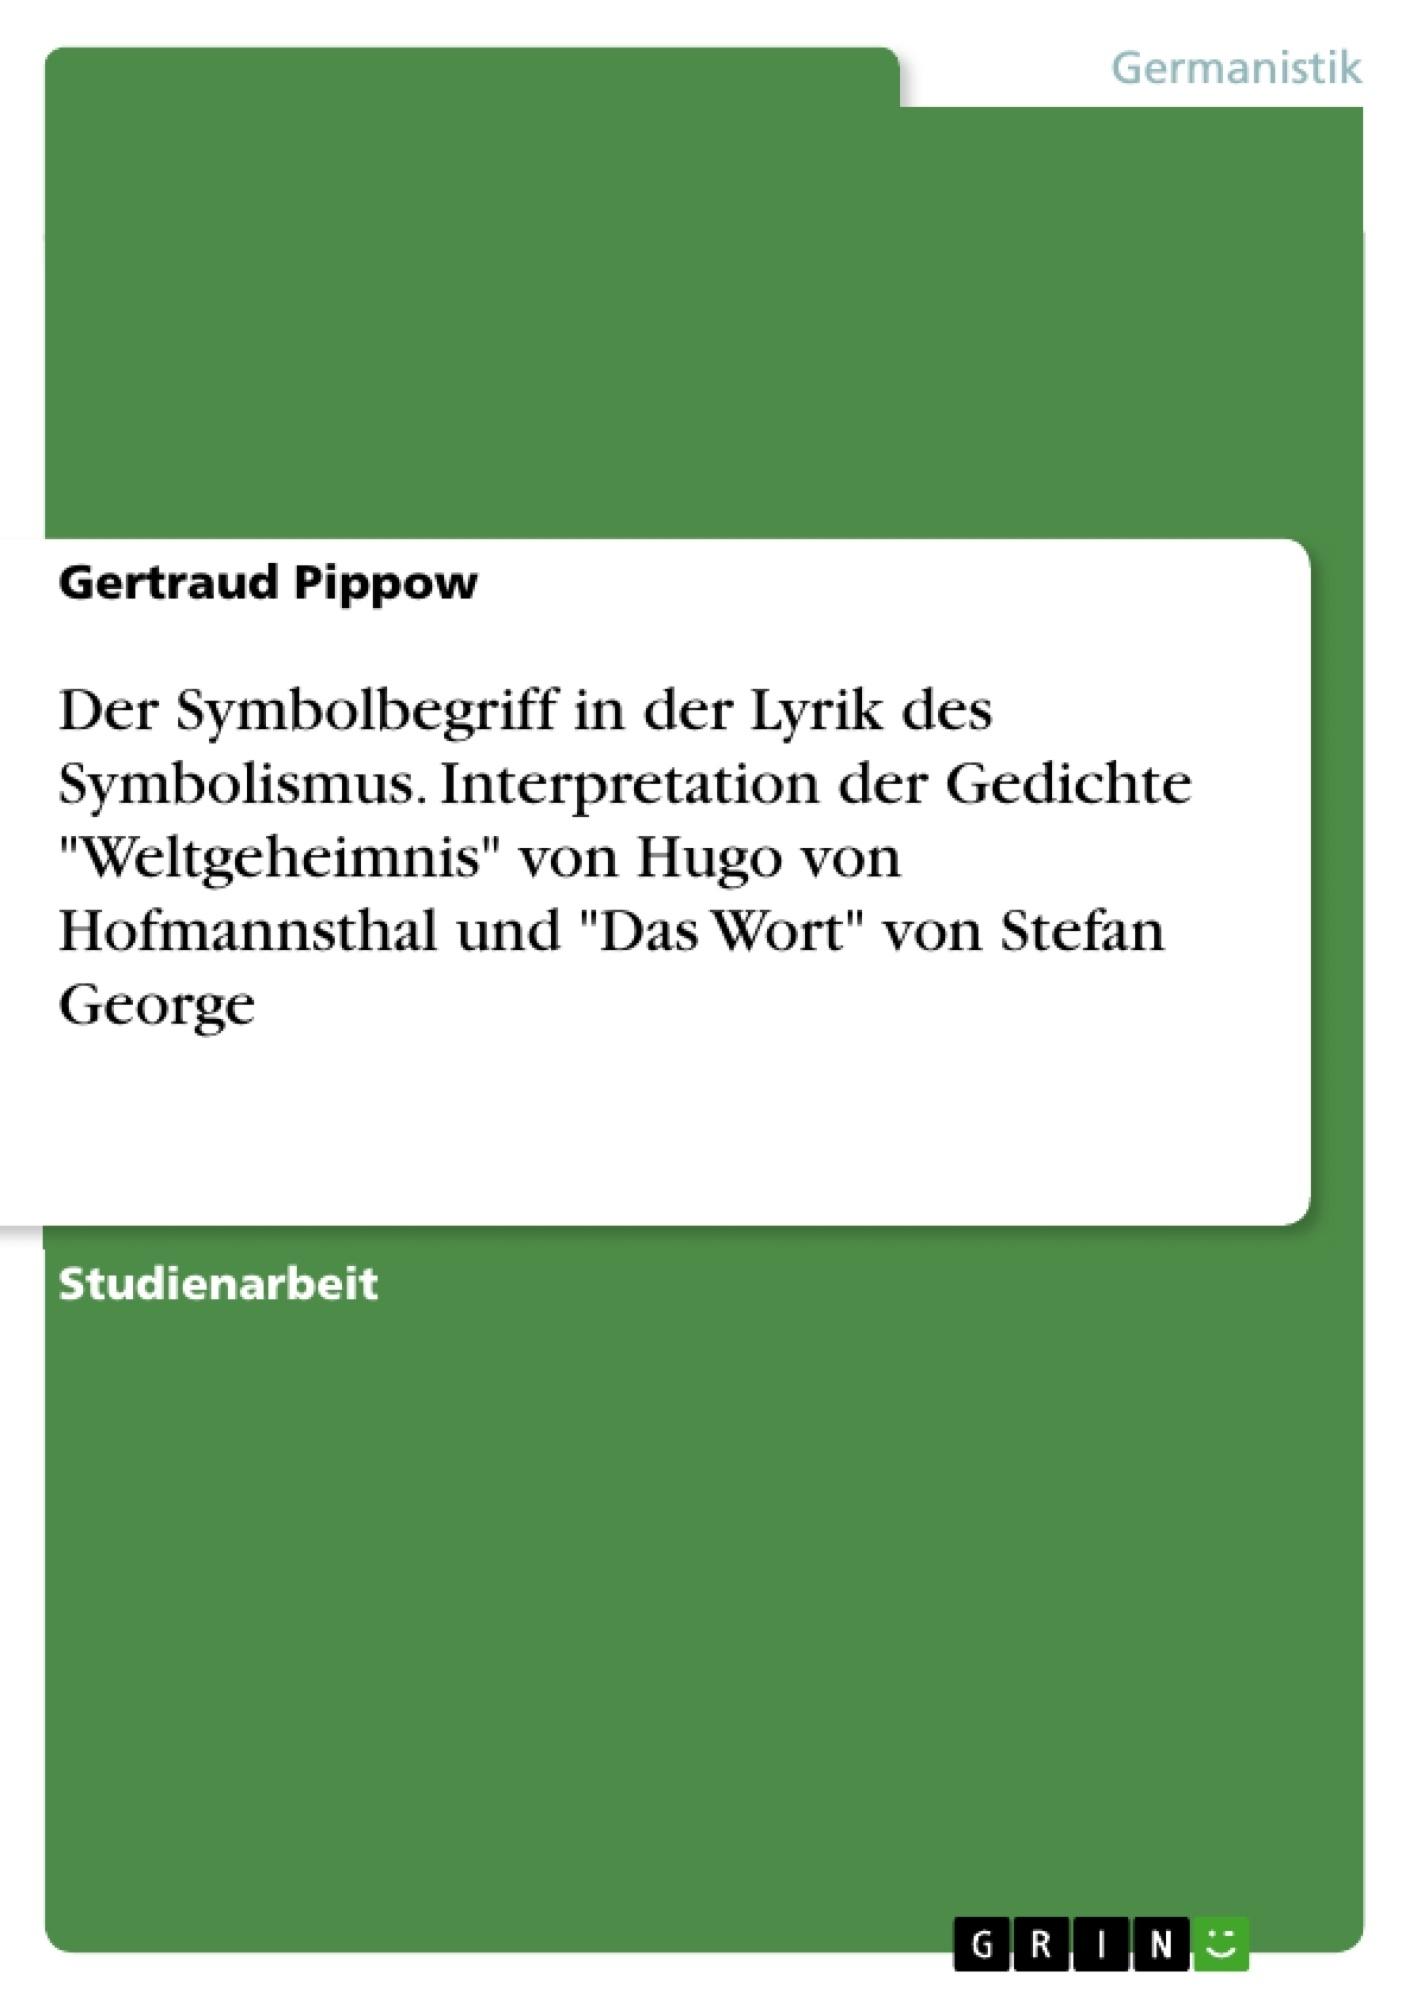 """Titel: Der Symbolbegriff in der Lyrik des Symbolismus. Interpretation der Gedichte """"Weltgeheimnis"""" von Hugo von Hofmannsthal und """"Das Wort"""" von Stefan George"""